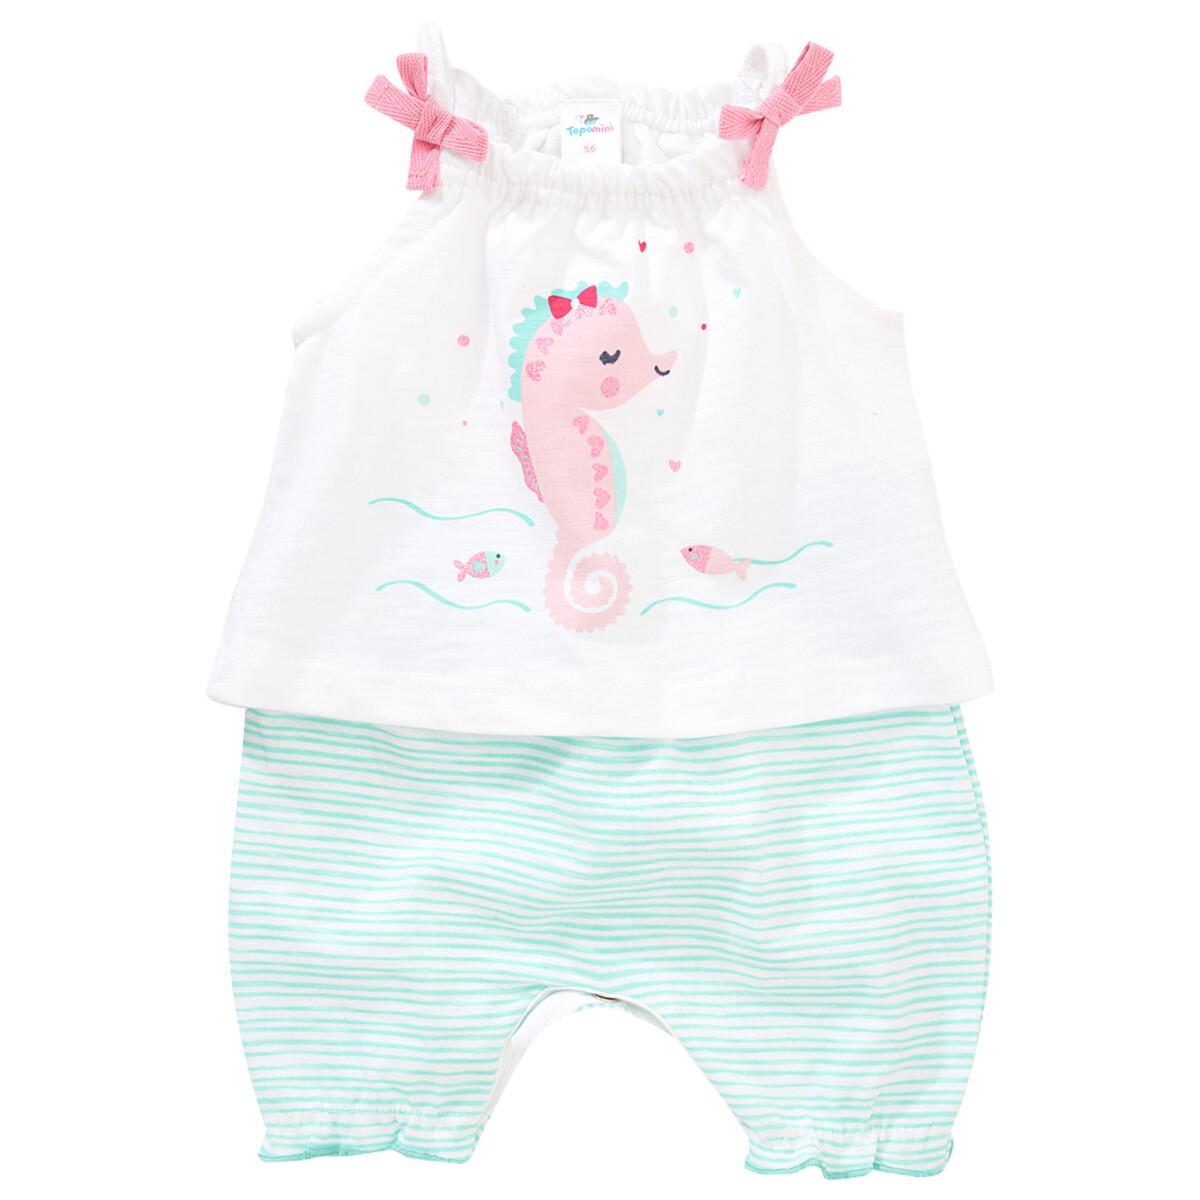 Bild 1 von Baby Strampler mit Seepferdchen-Print